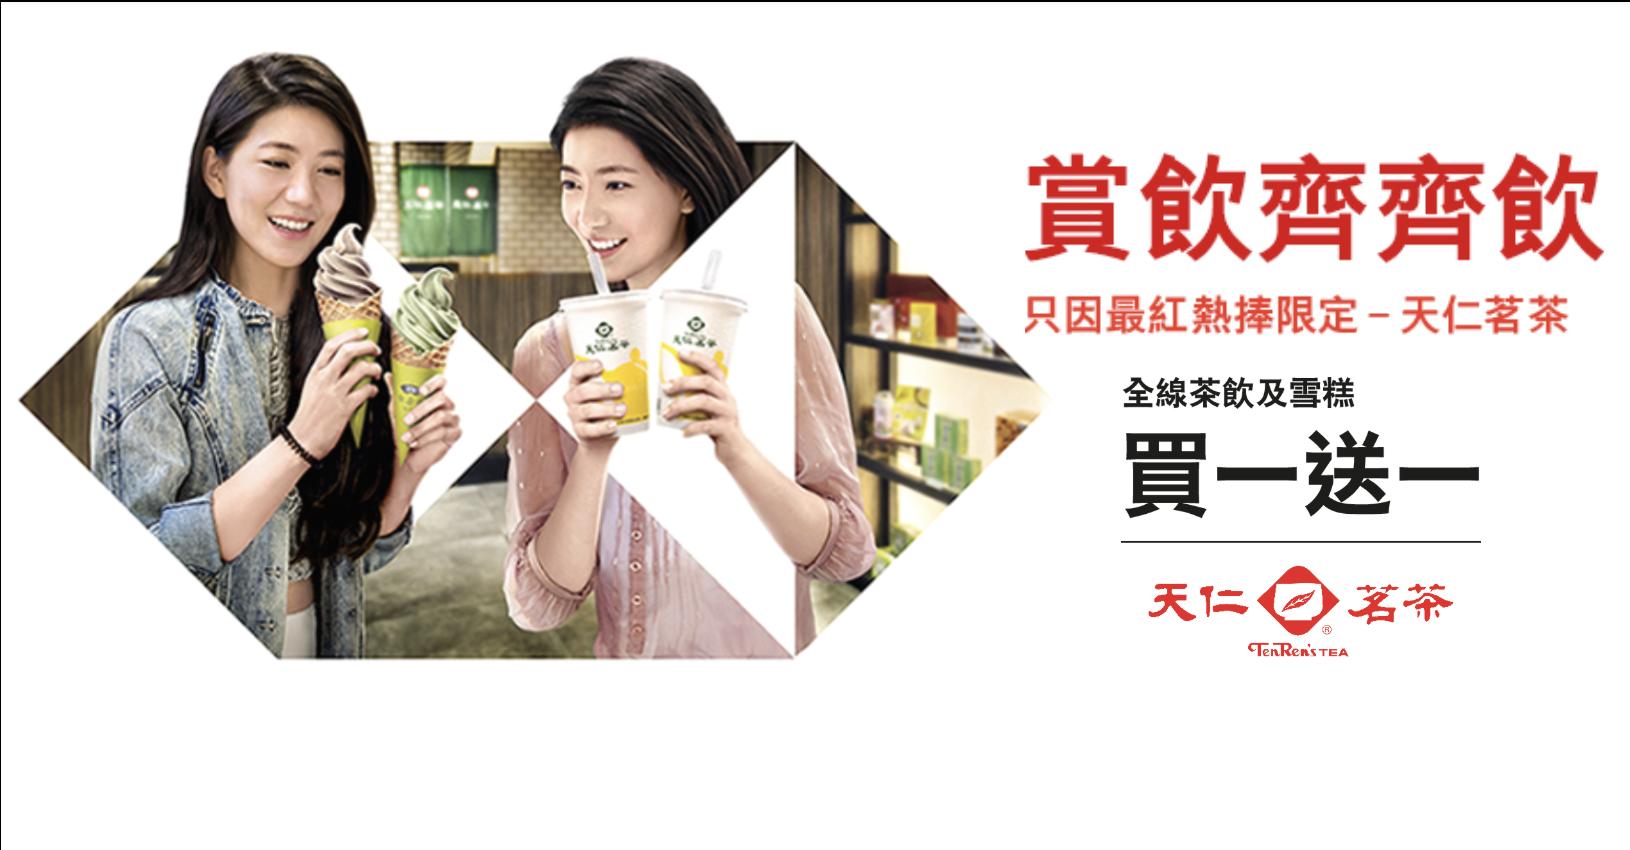 HSBC 信用卡最紅熱捧優惠! 天仁茗茶全線茶飲及雪糕買一送一!